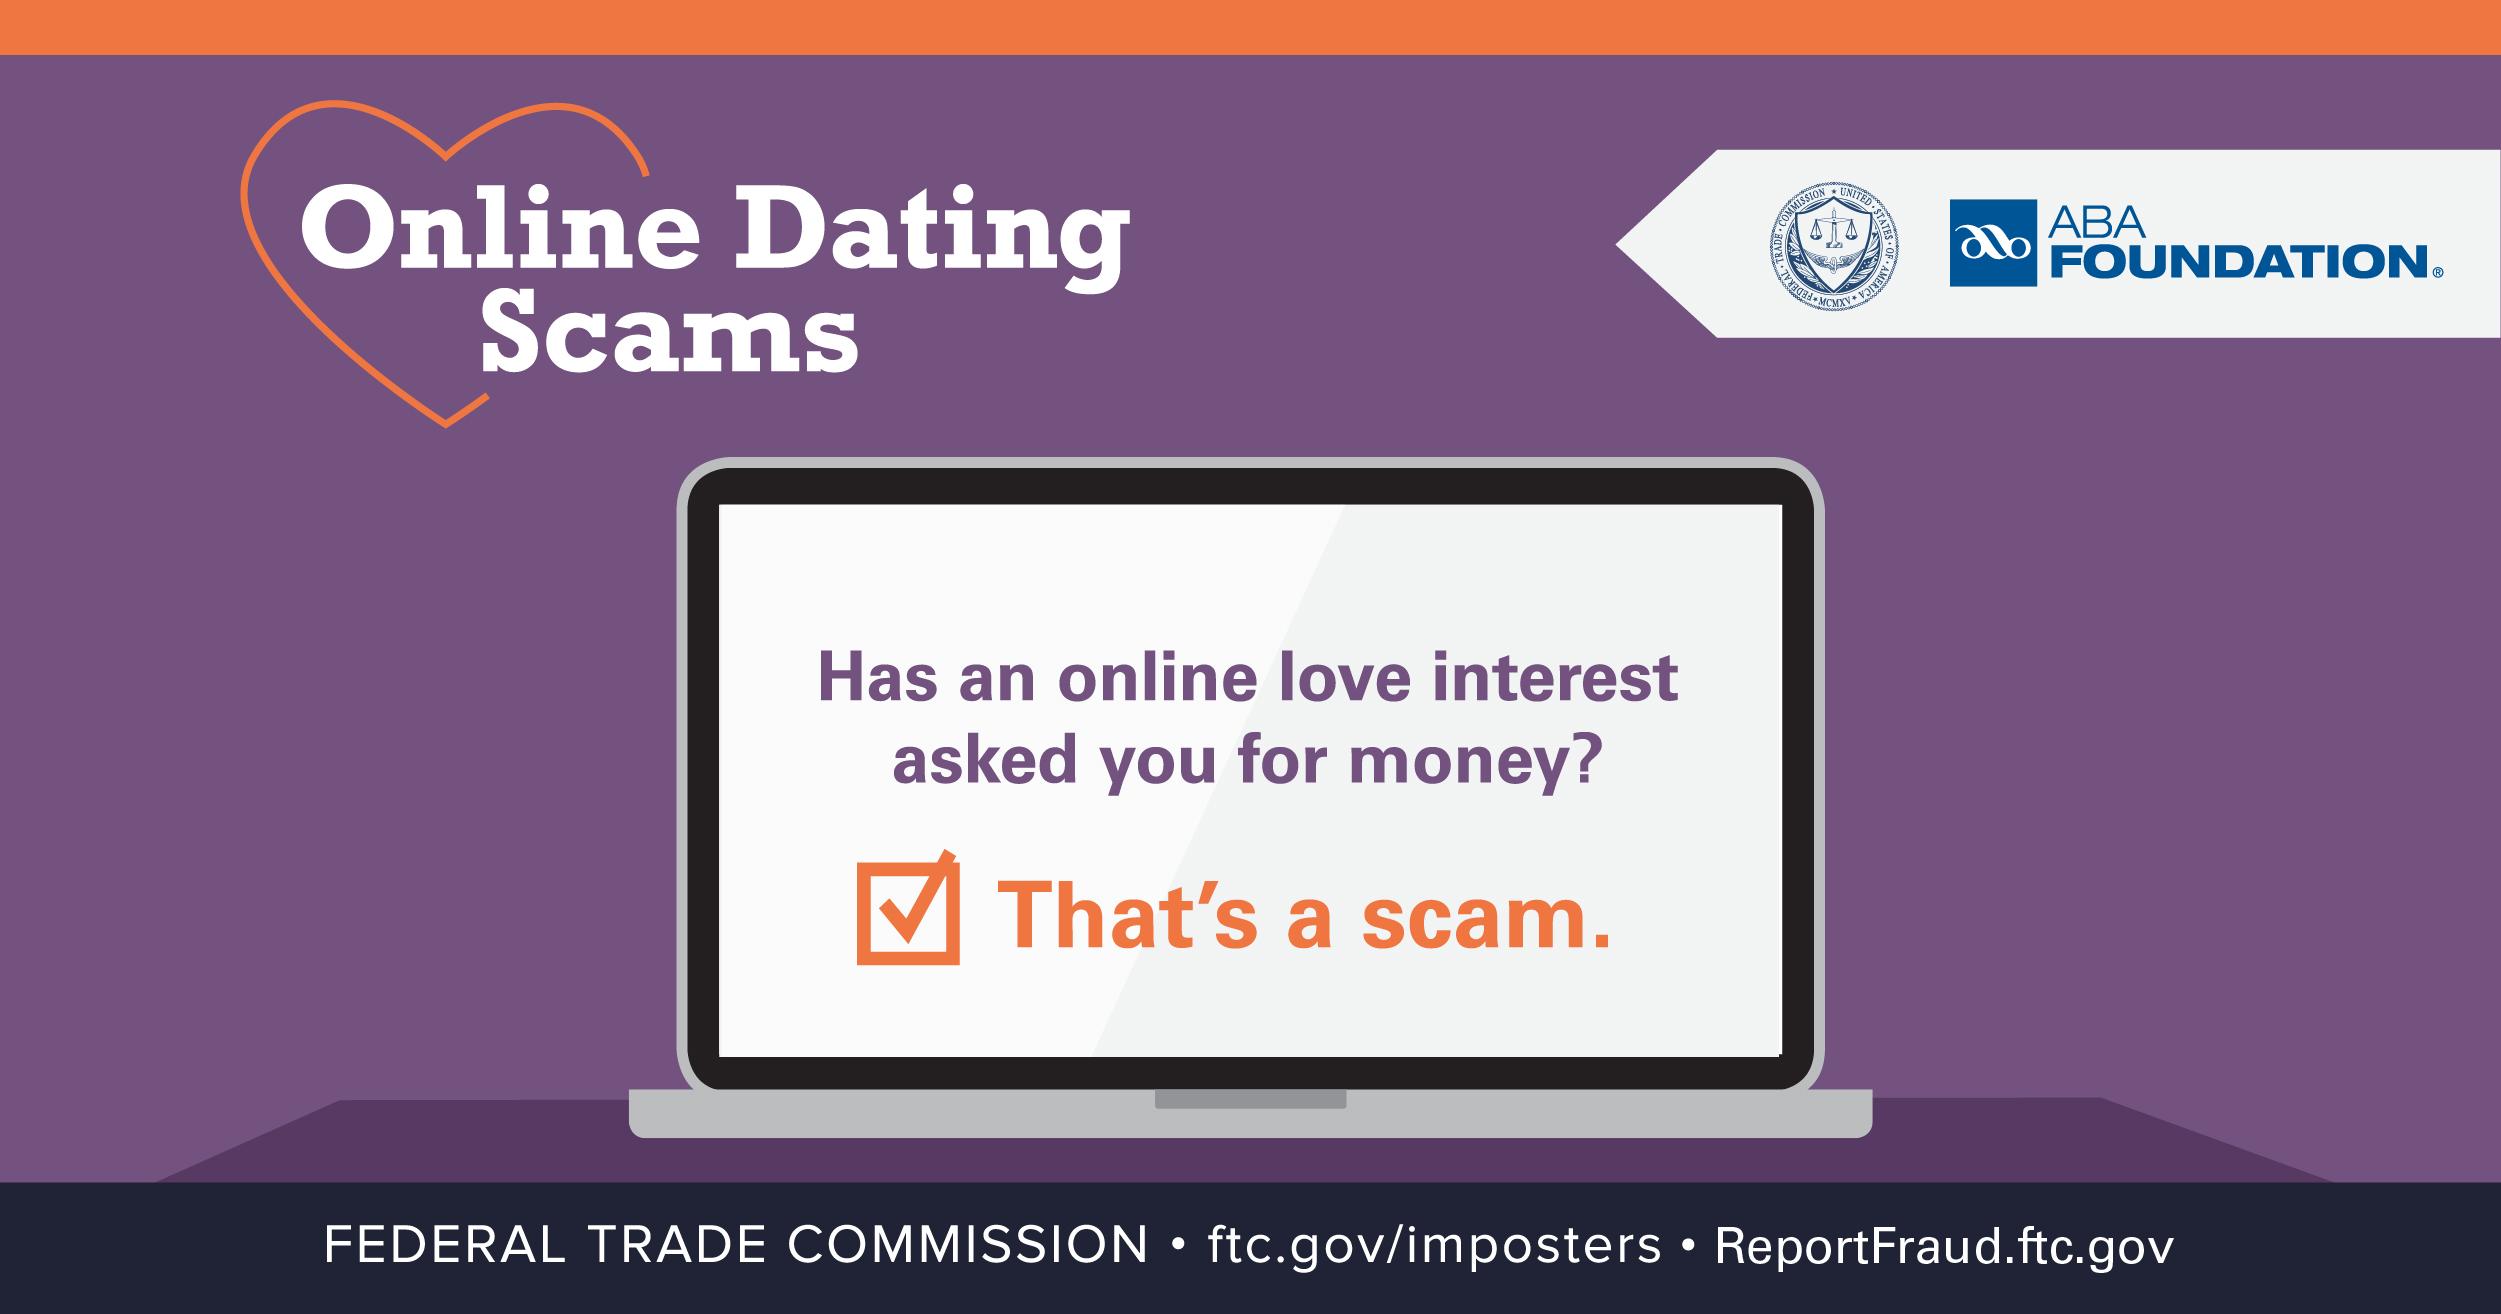 romance_scams_feb2021_en-01.jpg